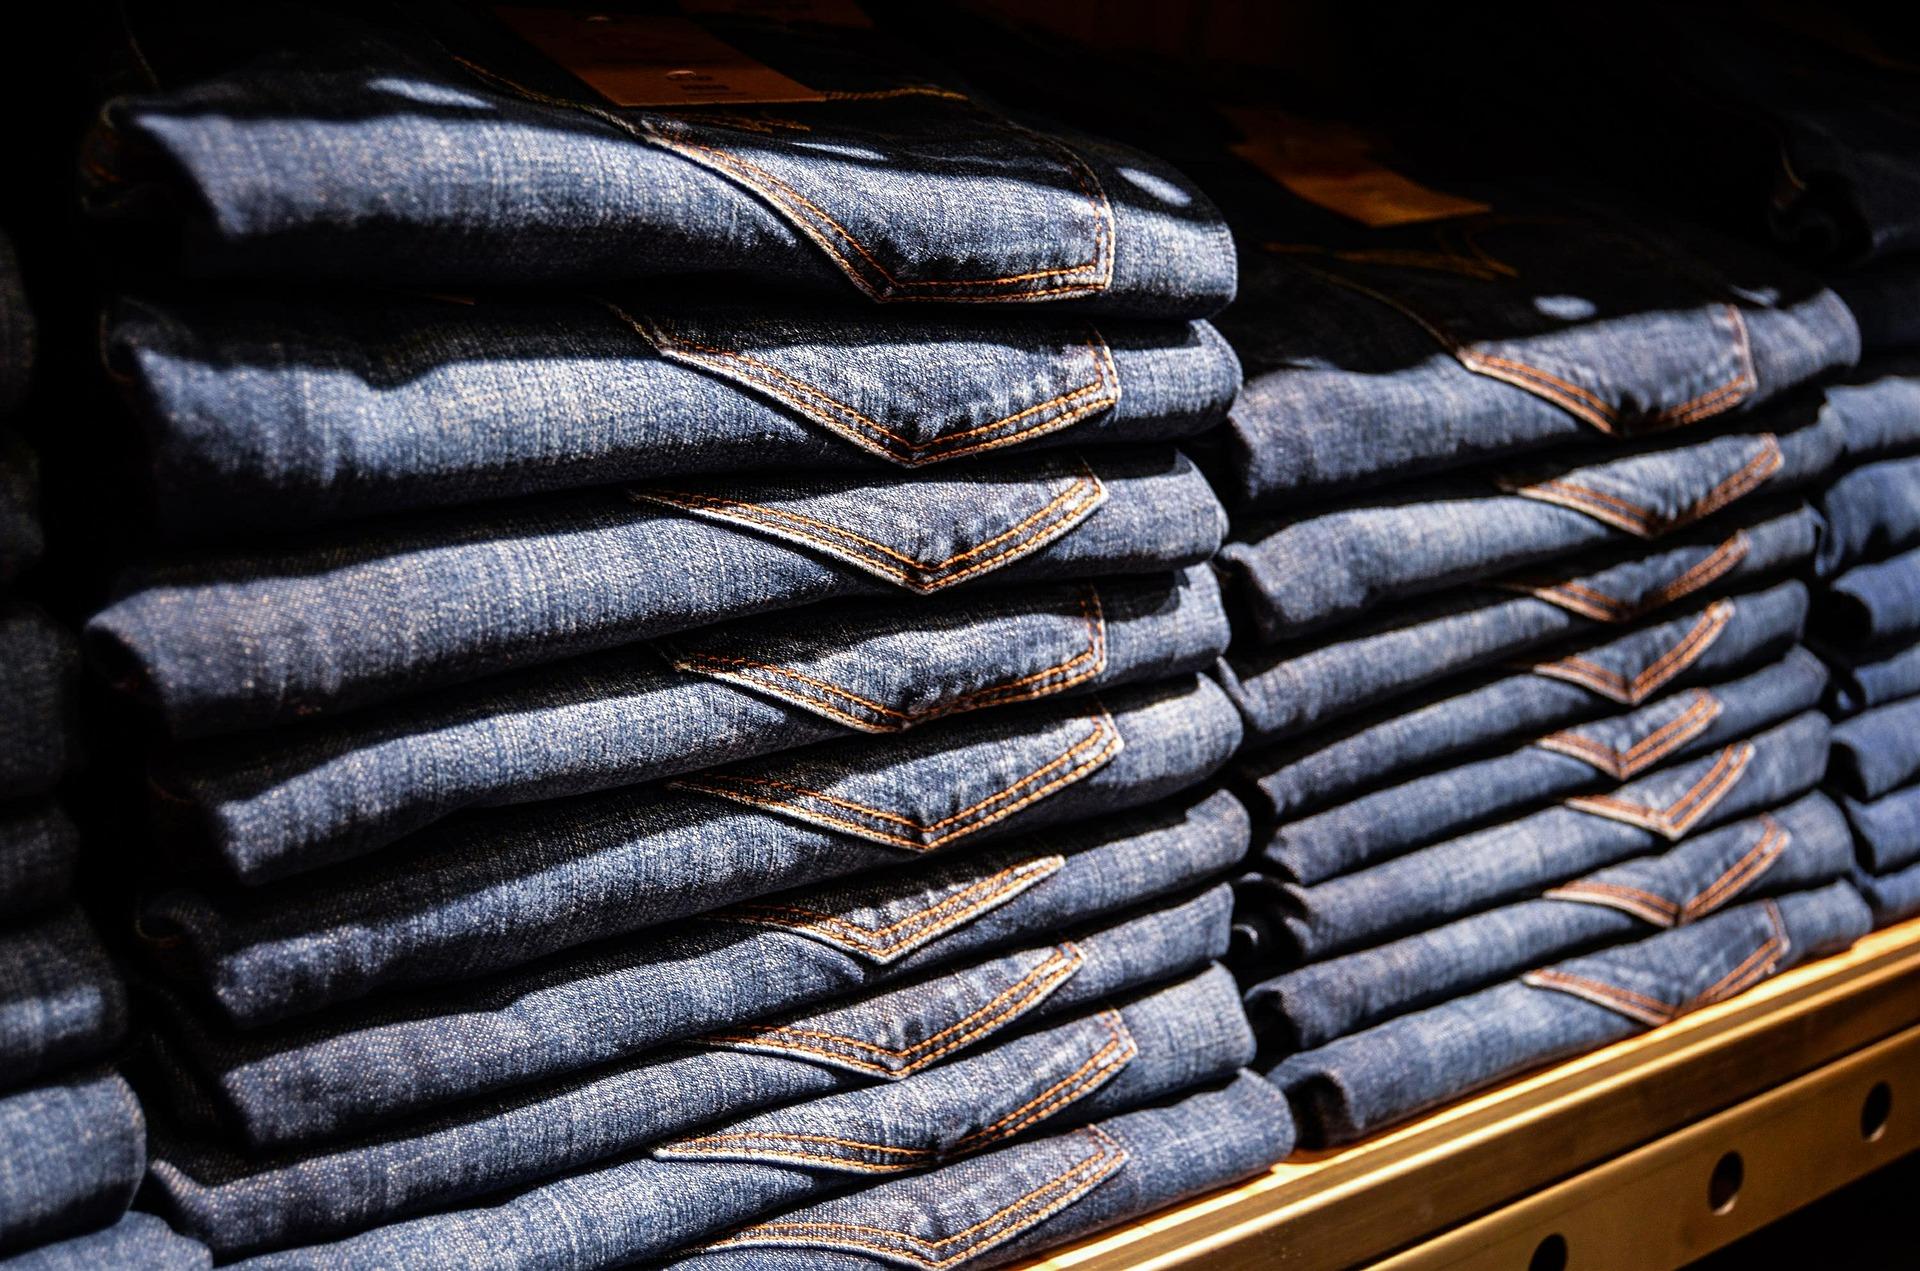 Ein Stapel Jeans-Hosen